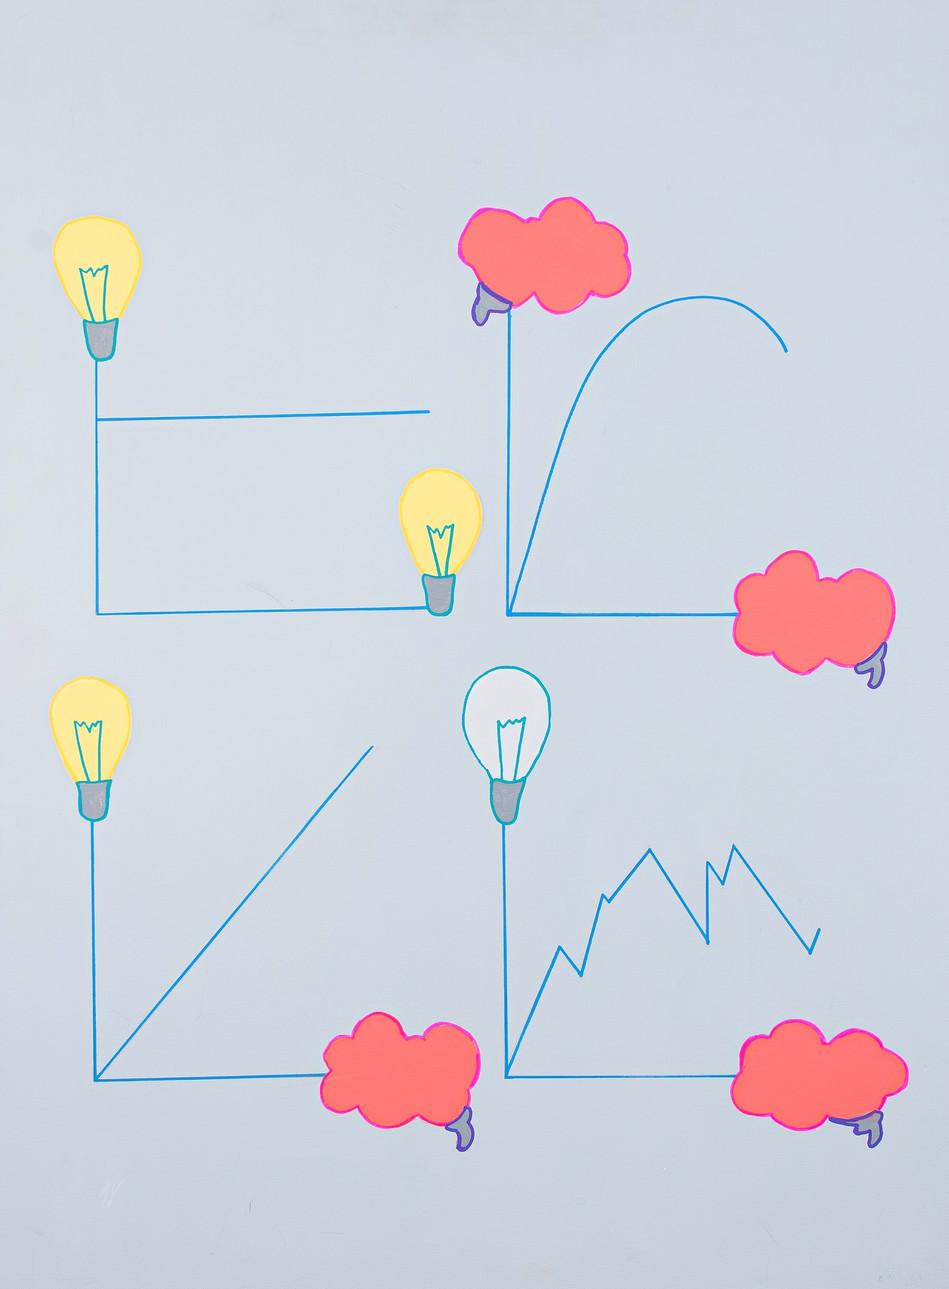 Ideas Acrylic on Canvas 20 x 30